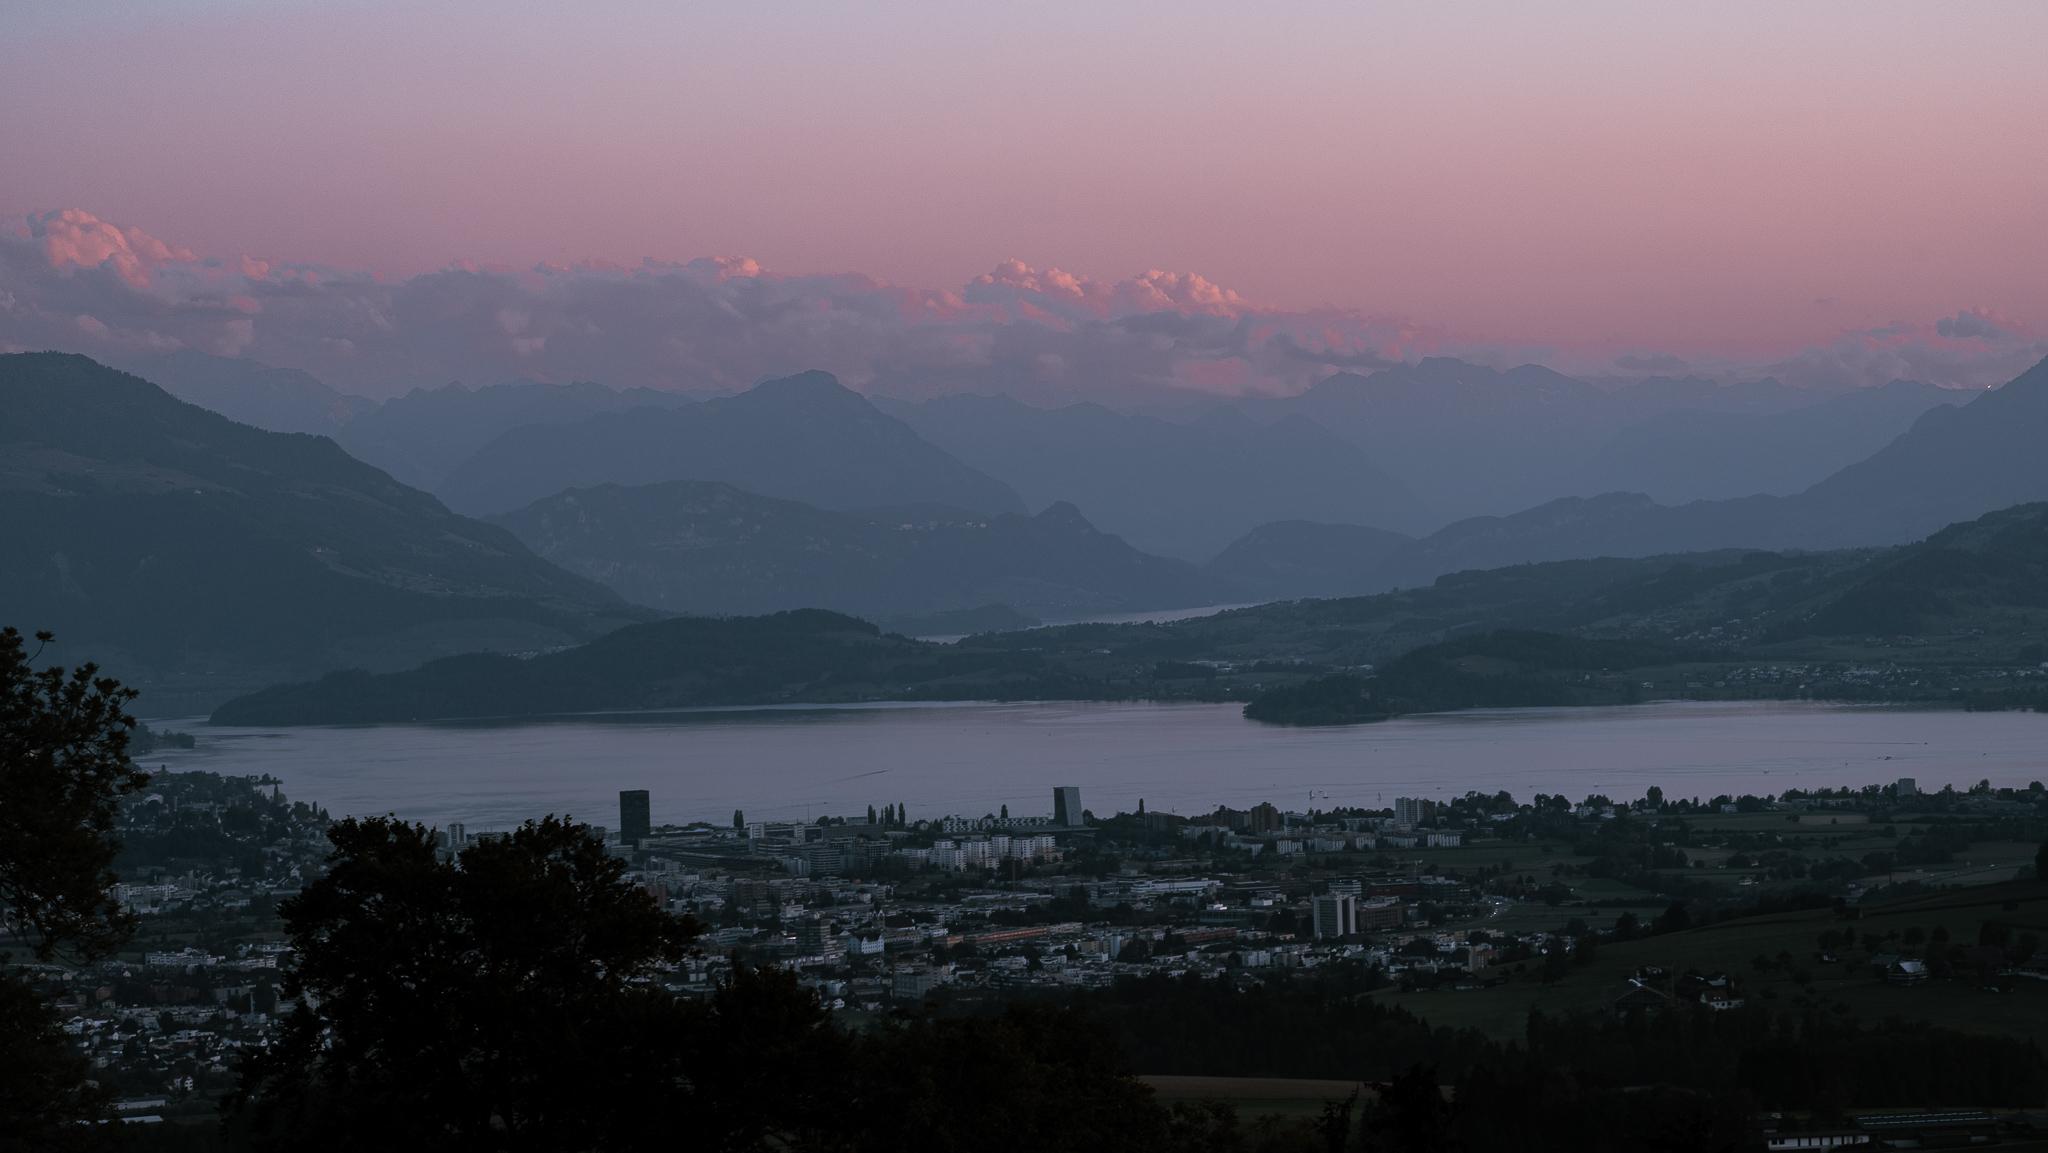 Rigi-Pilatus-Zug-View, Switzerland